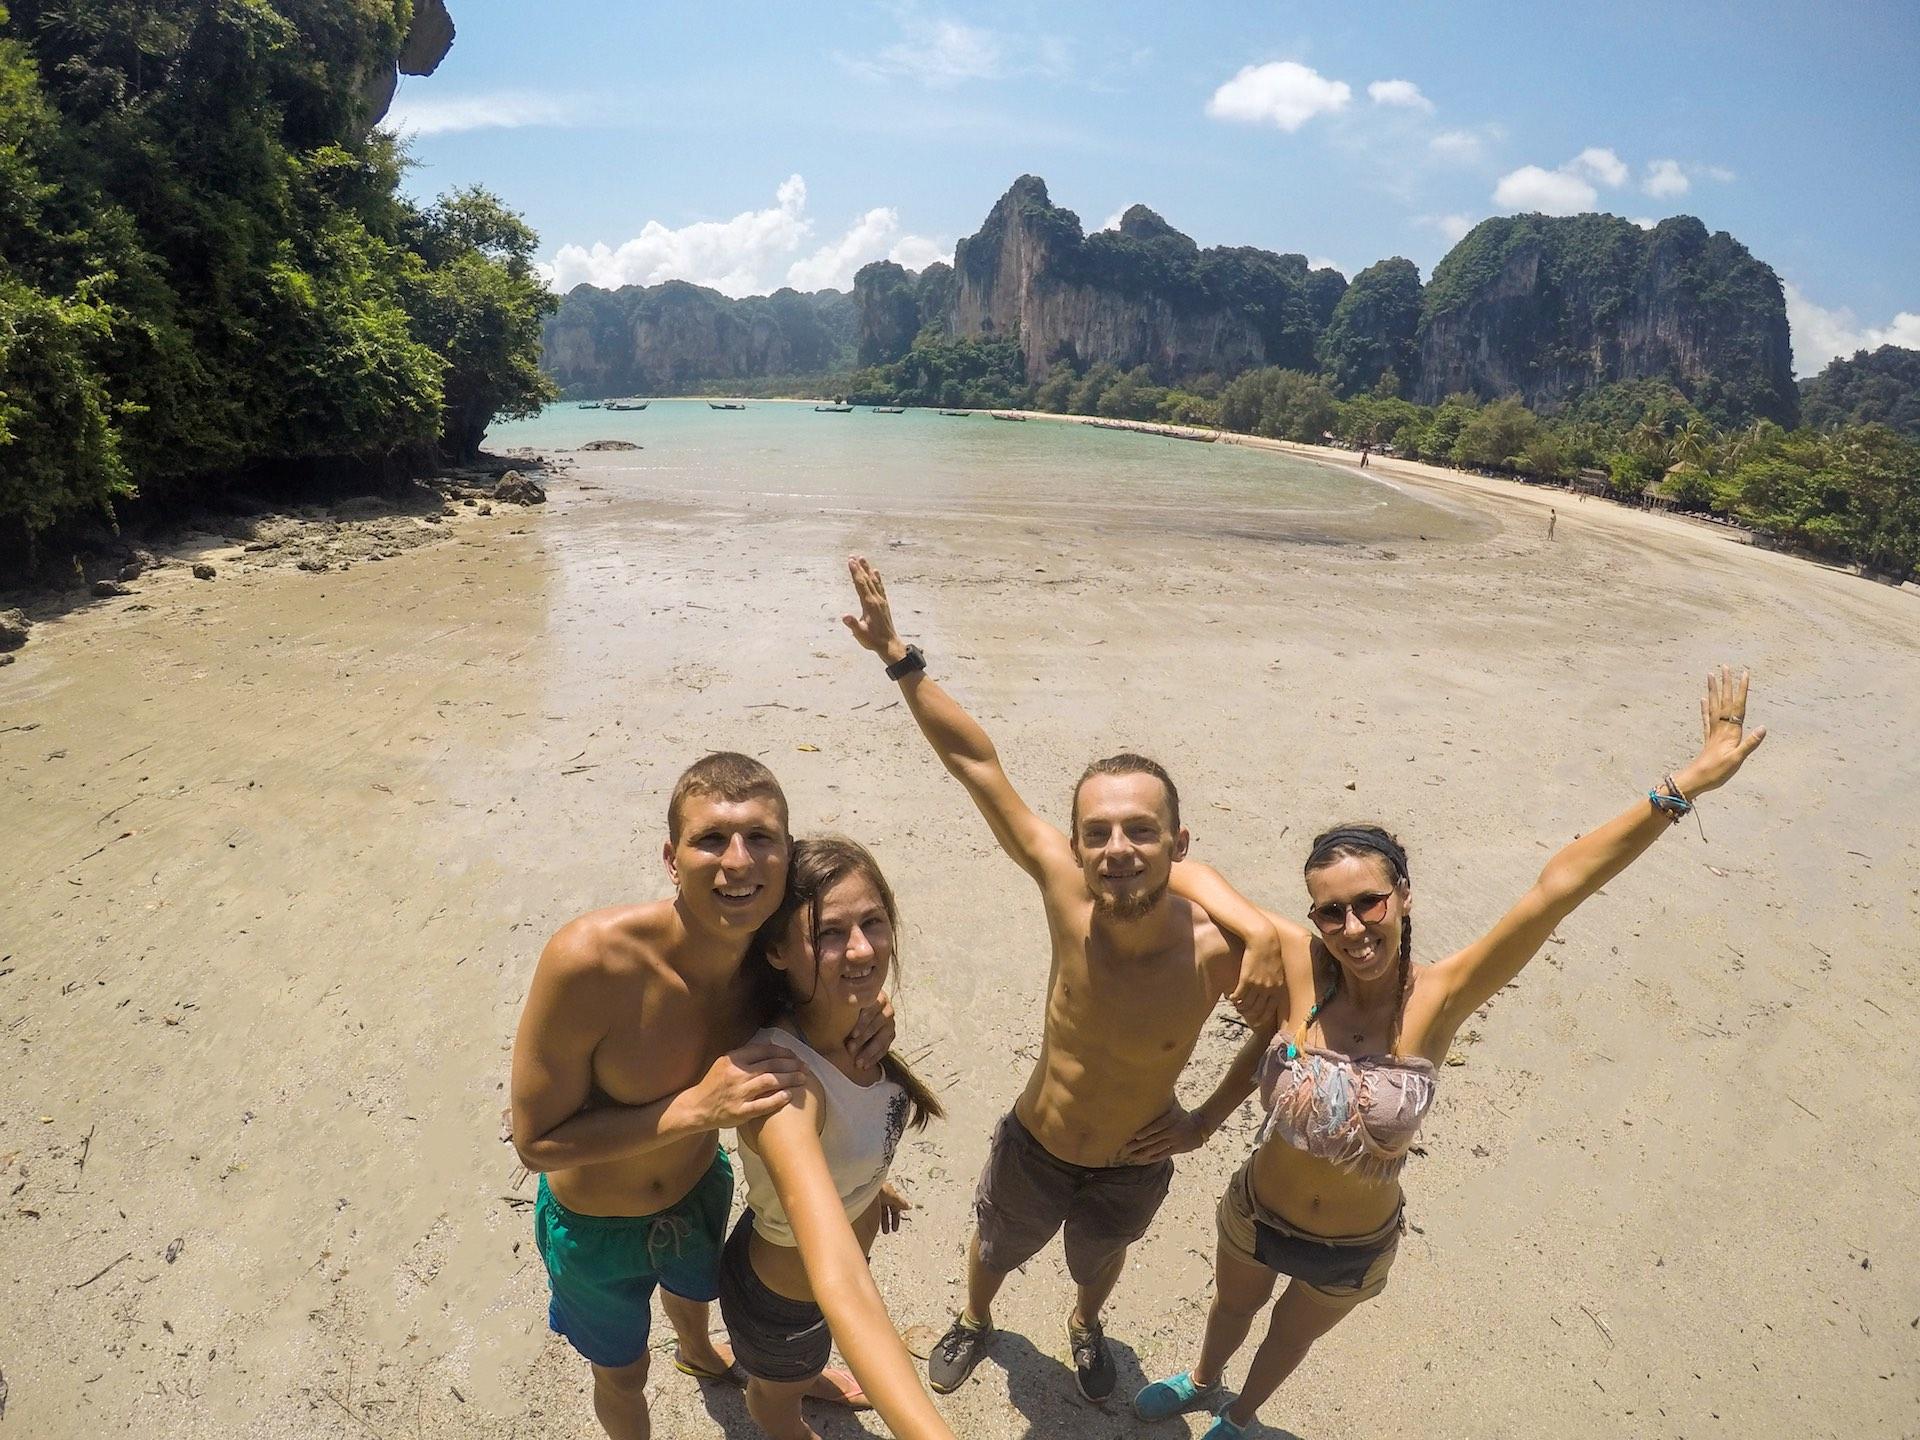 Tailandas. Iš kairės: Laurynas, Agnė, Marius ir Rūta. Diena paplūdimyje. Asmeninio archyvo nuotr.